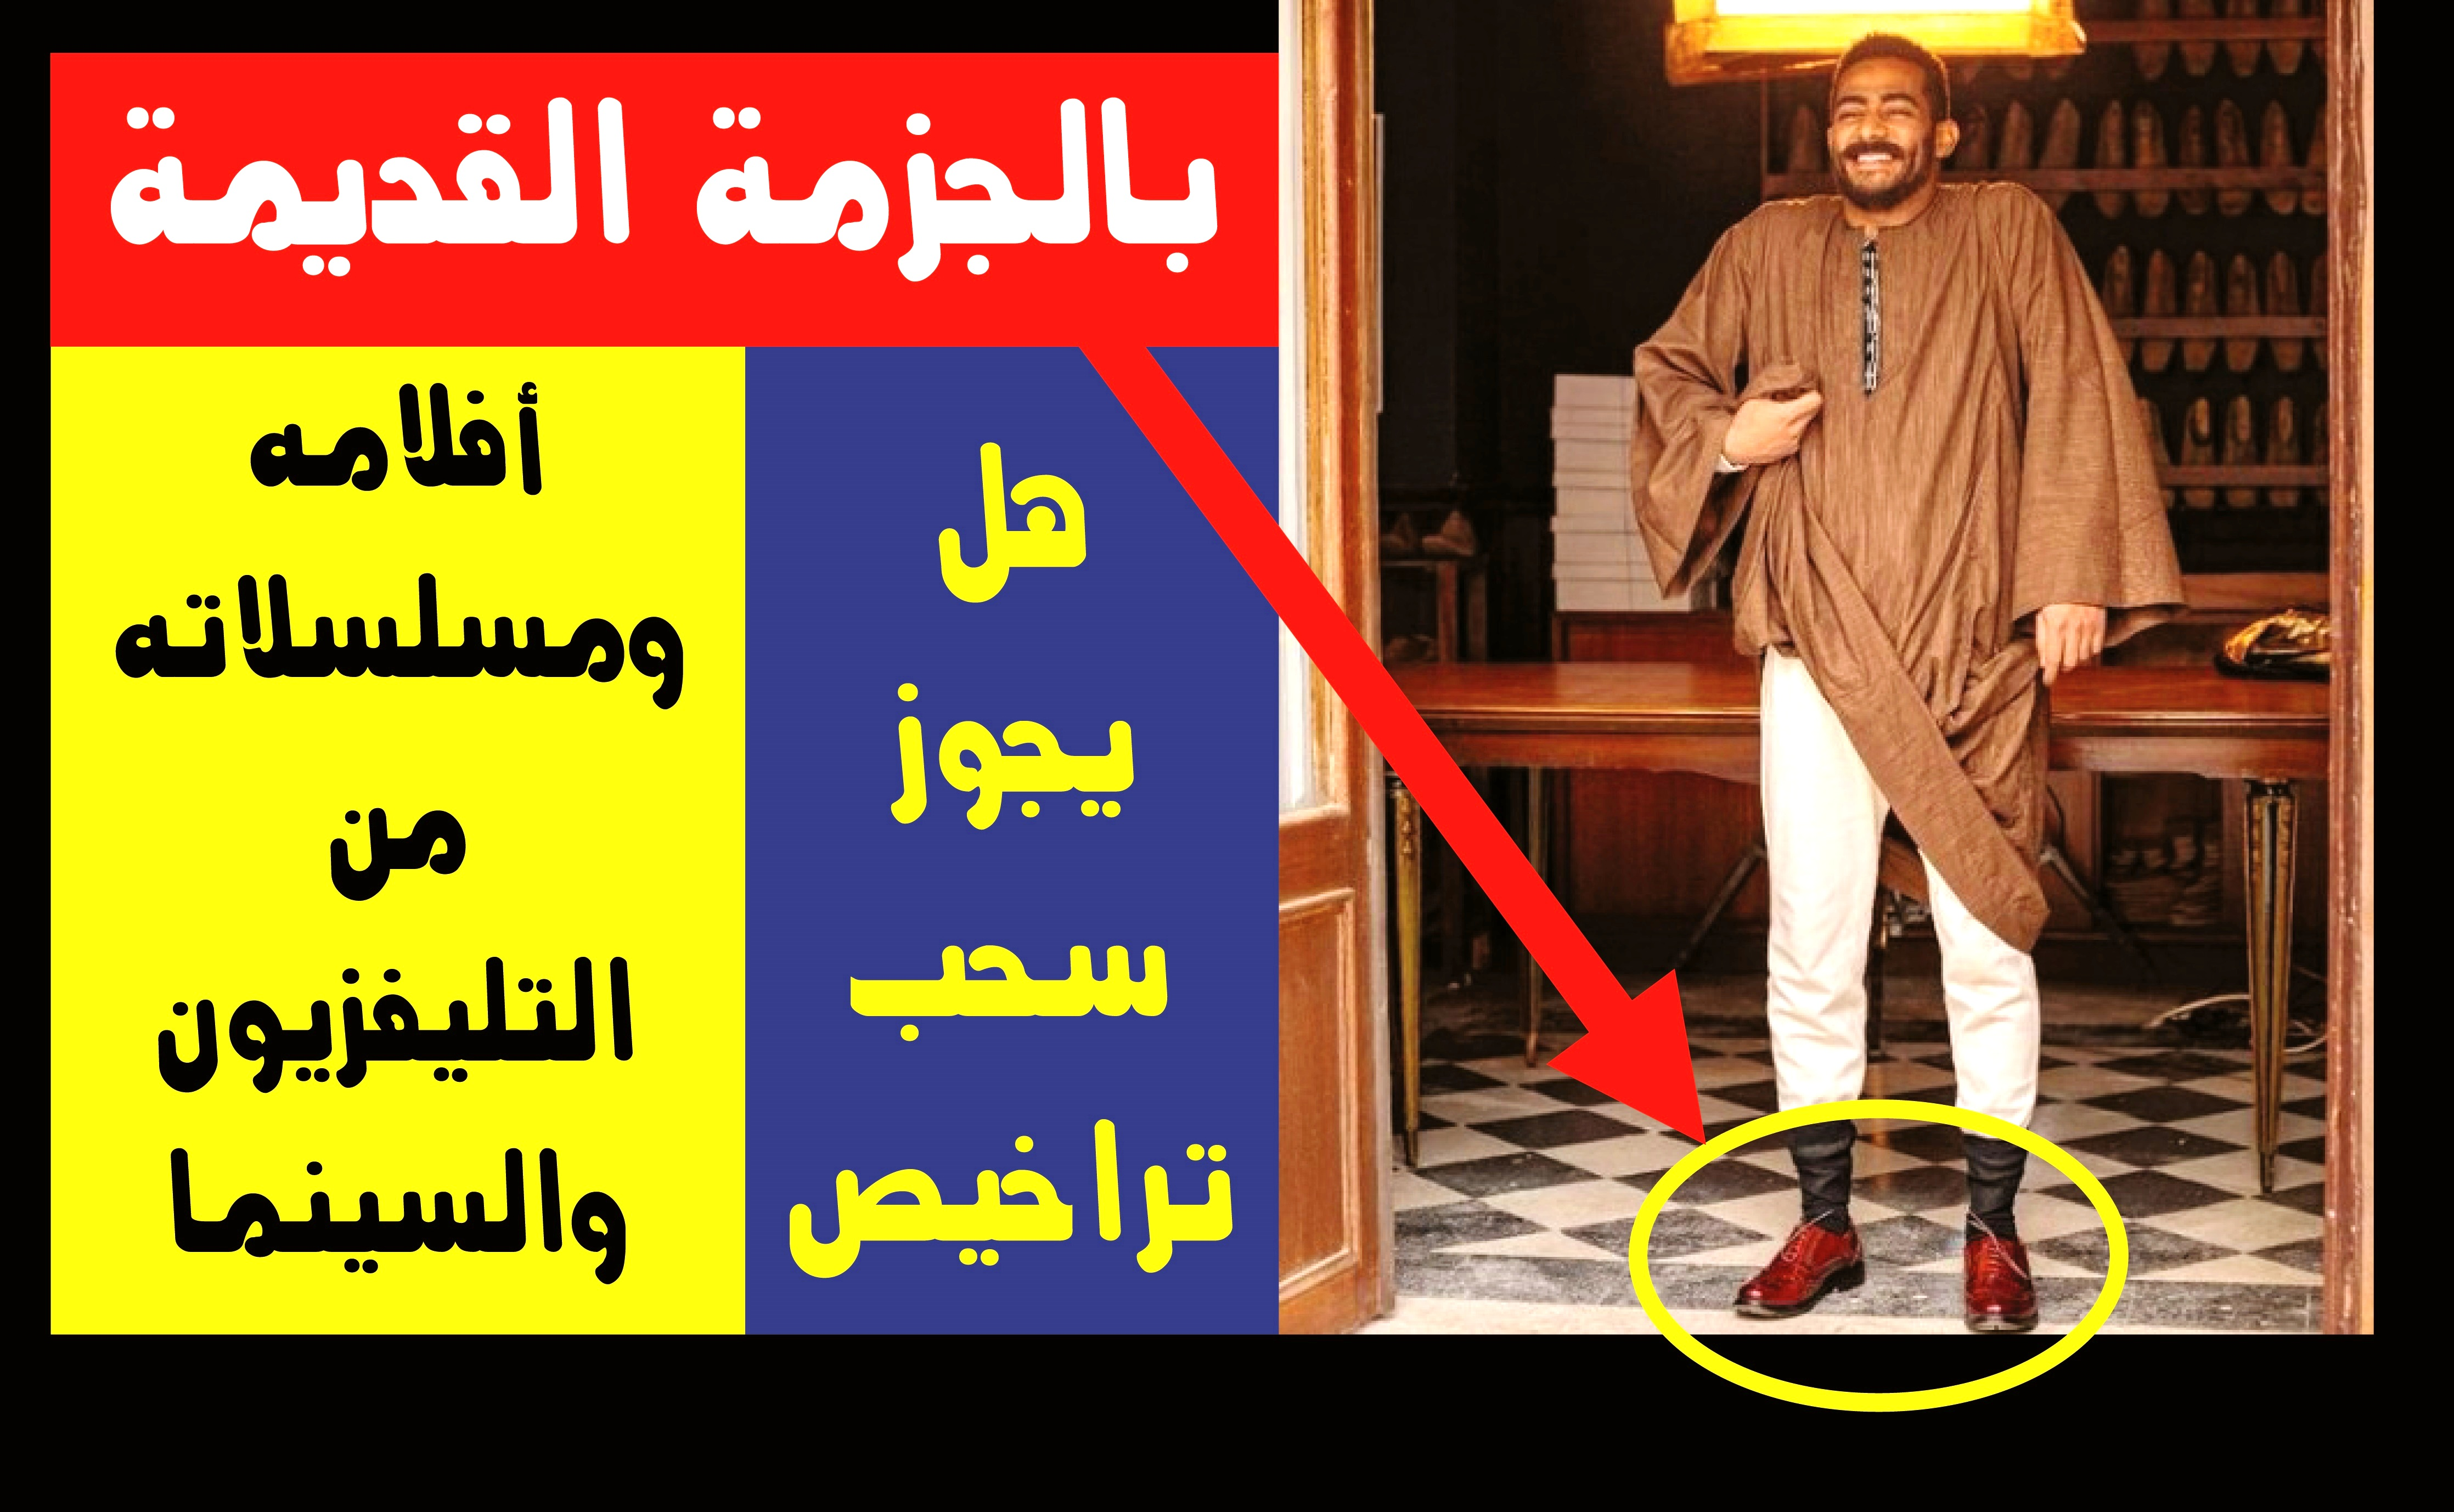 المستشار/ ياسين عبدالمنعم: سحب التراخيص بالجزمة القديمة